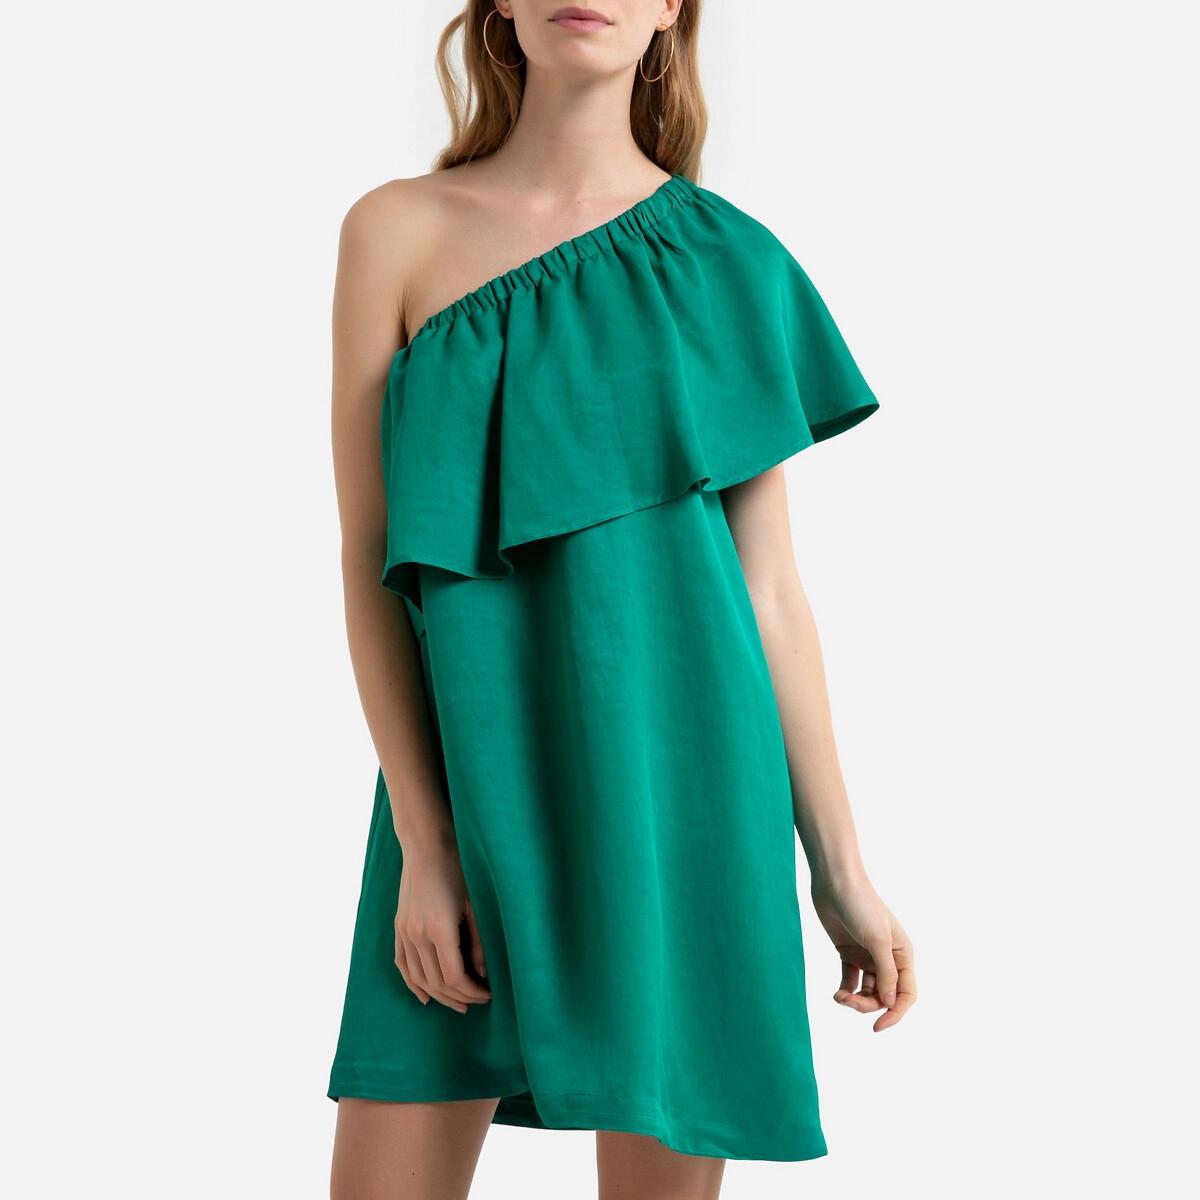 отличить друг платье с воланом вверху фото всех интервью лоу